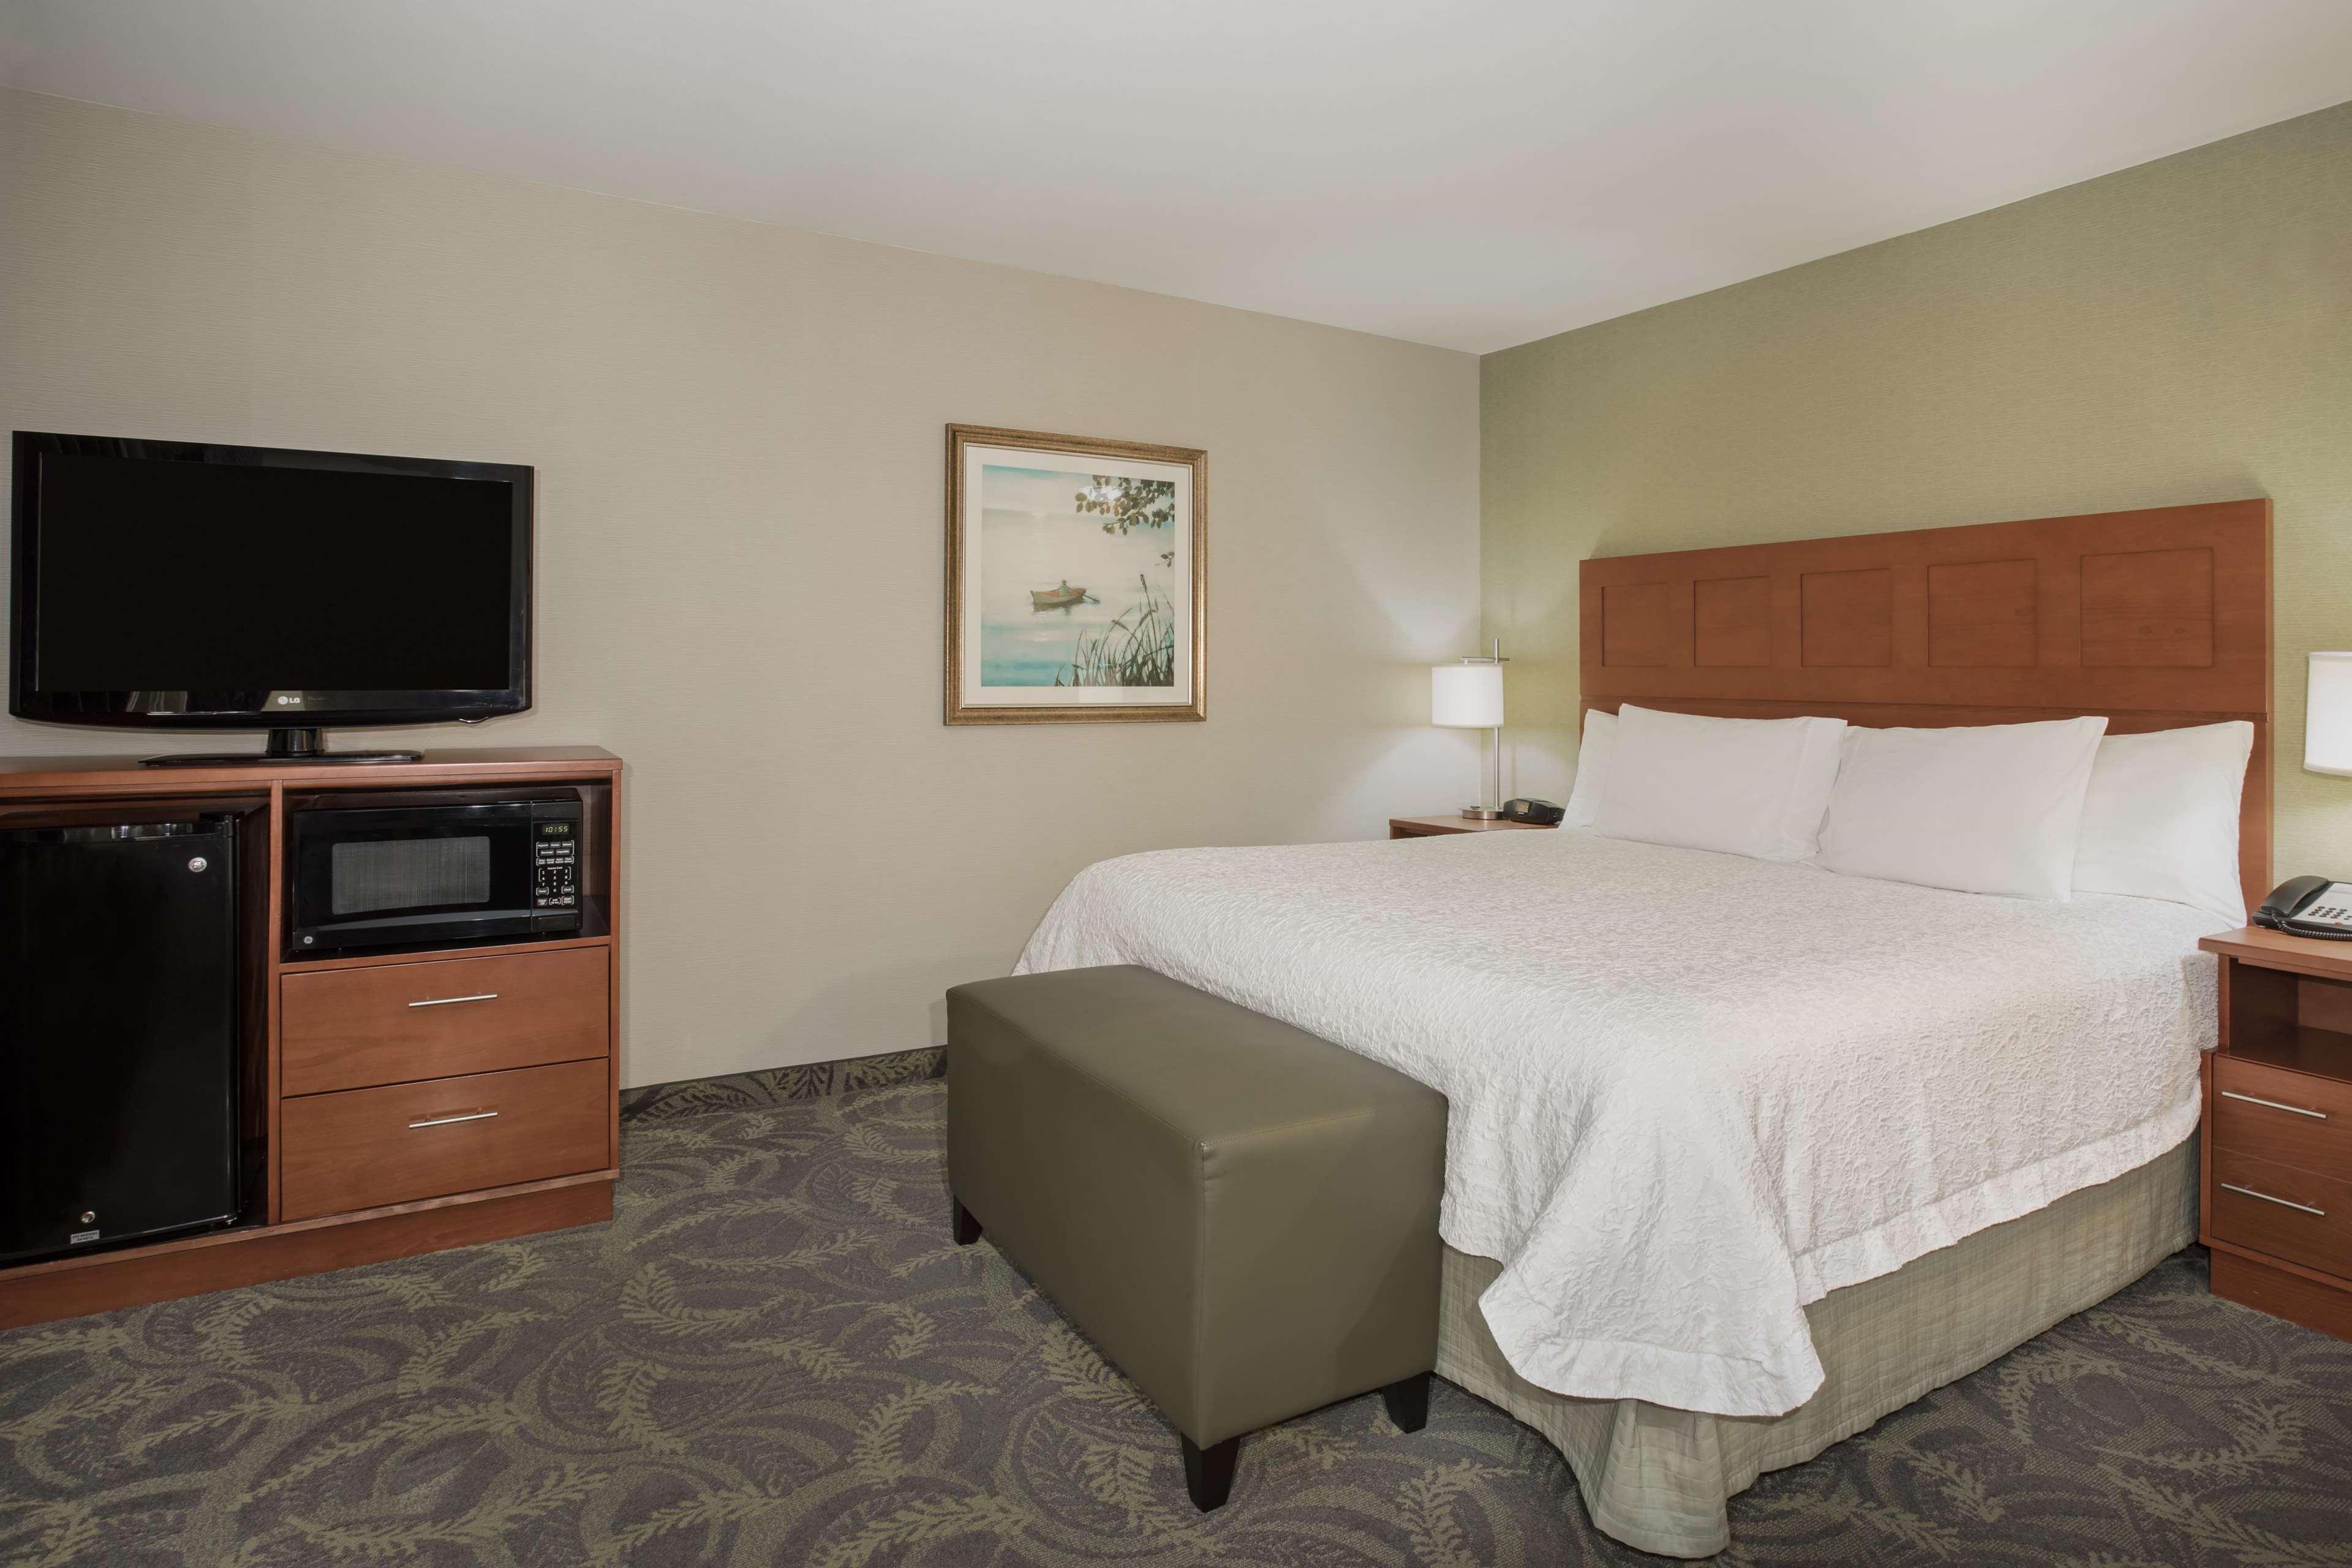 Hampton Inn & Suites Astoria image 24